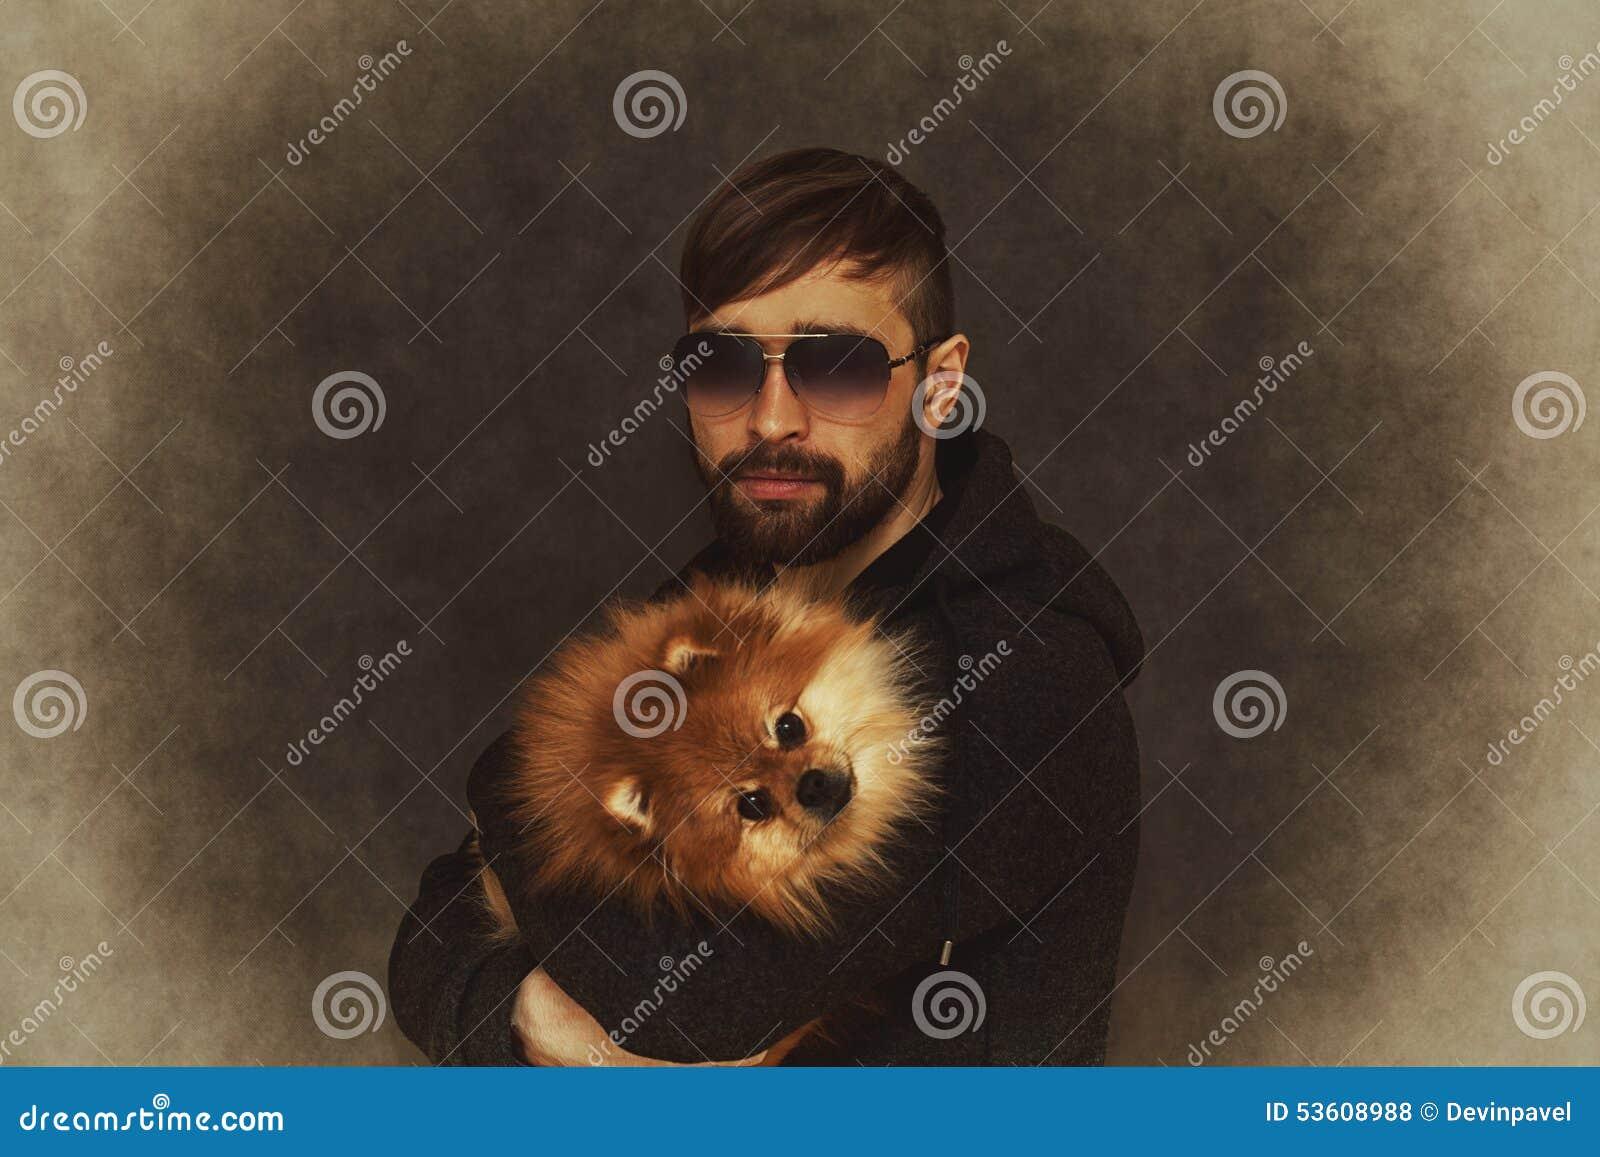 O Dog Hairstyle 52953 Pixhd